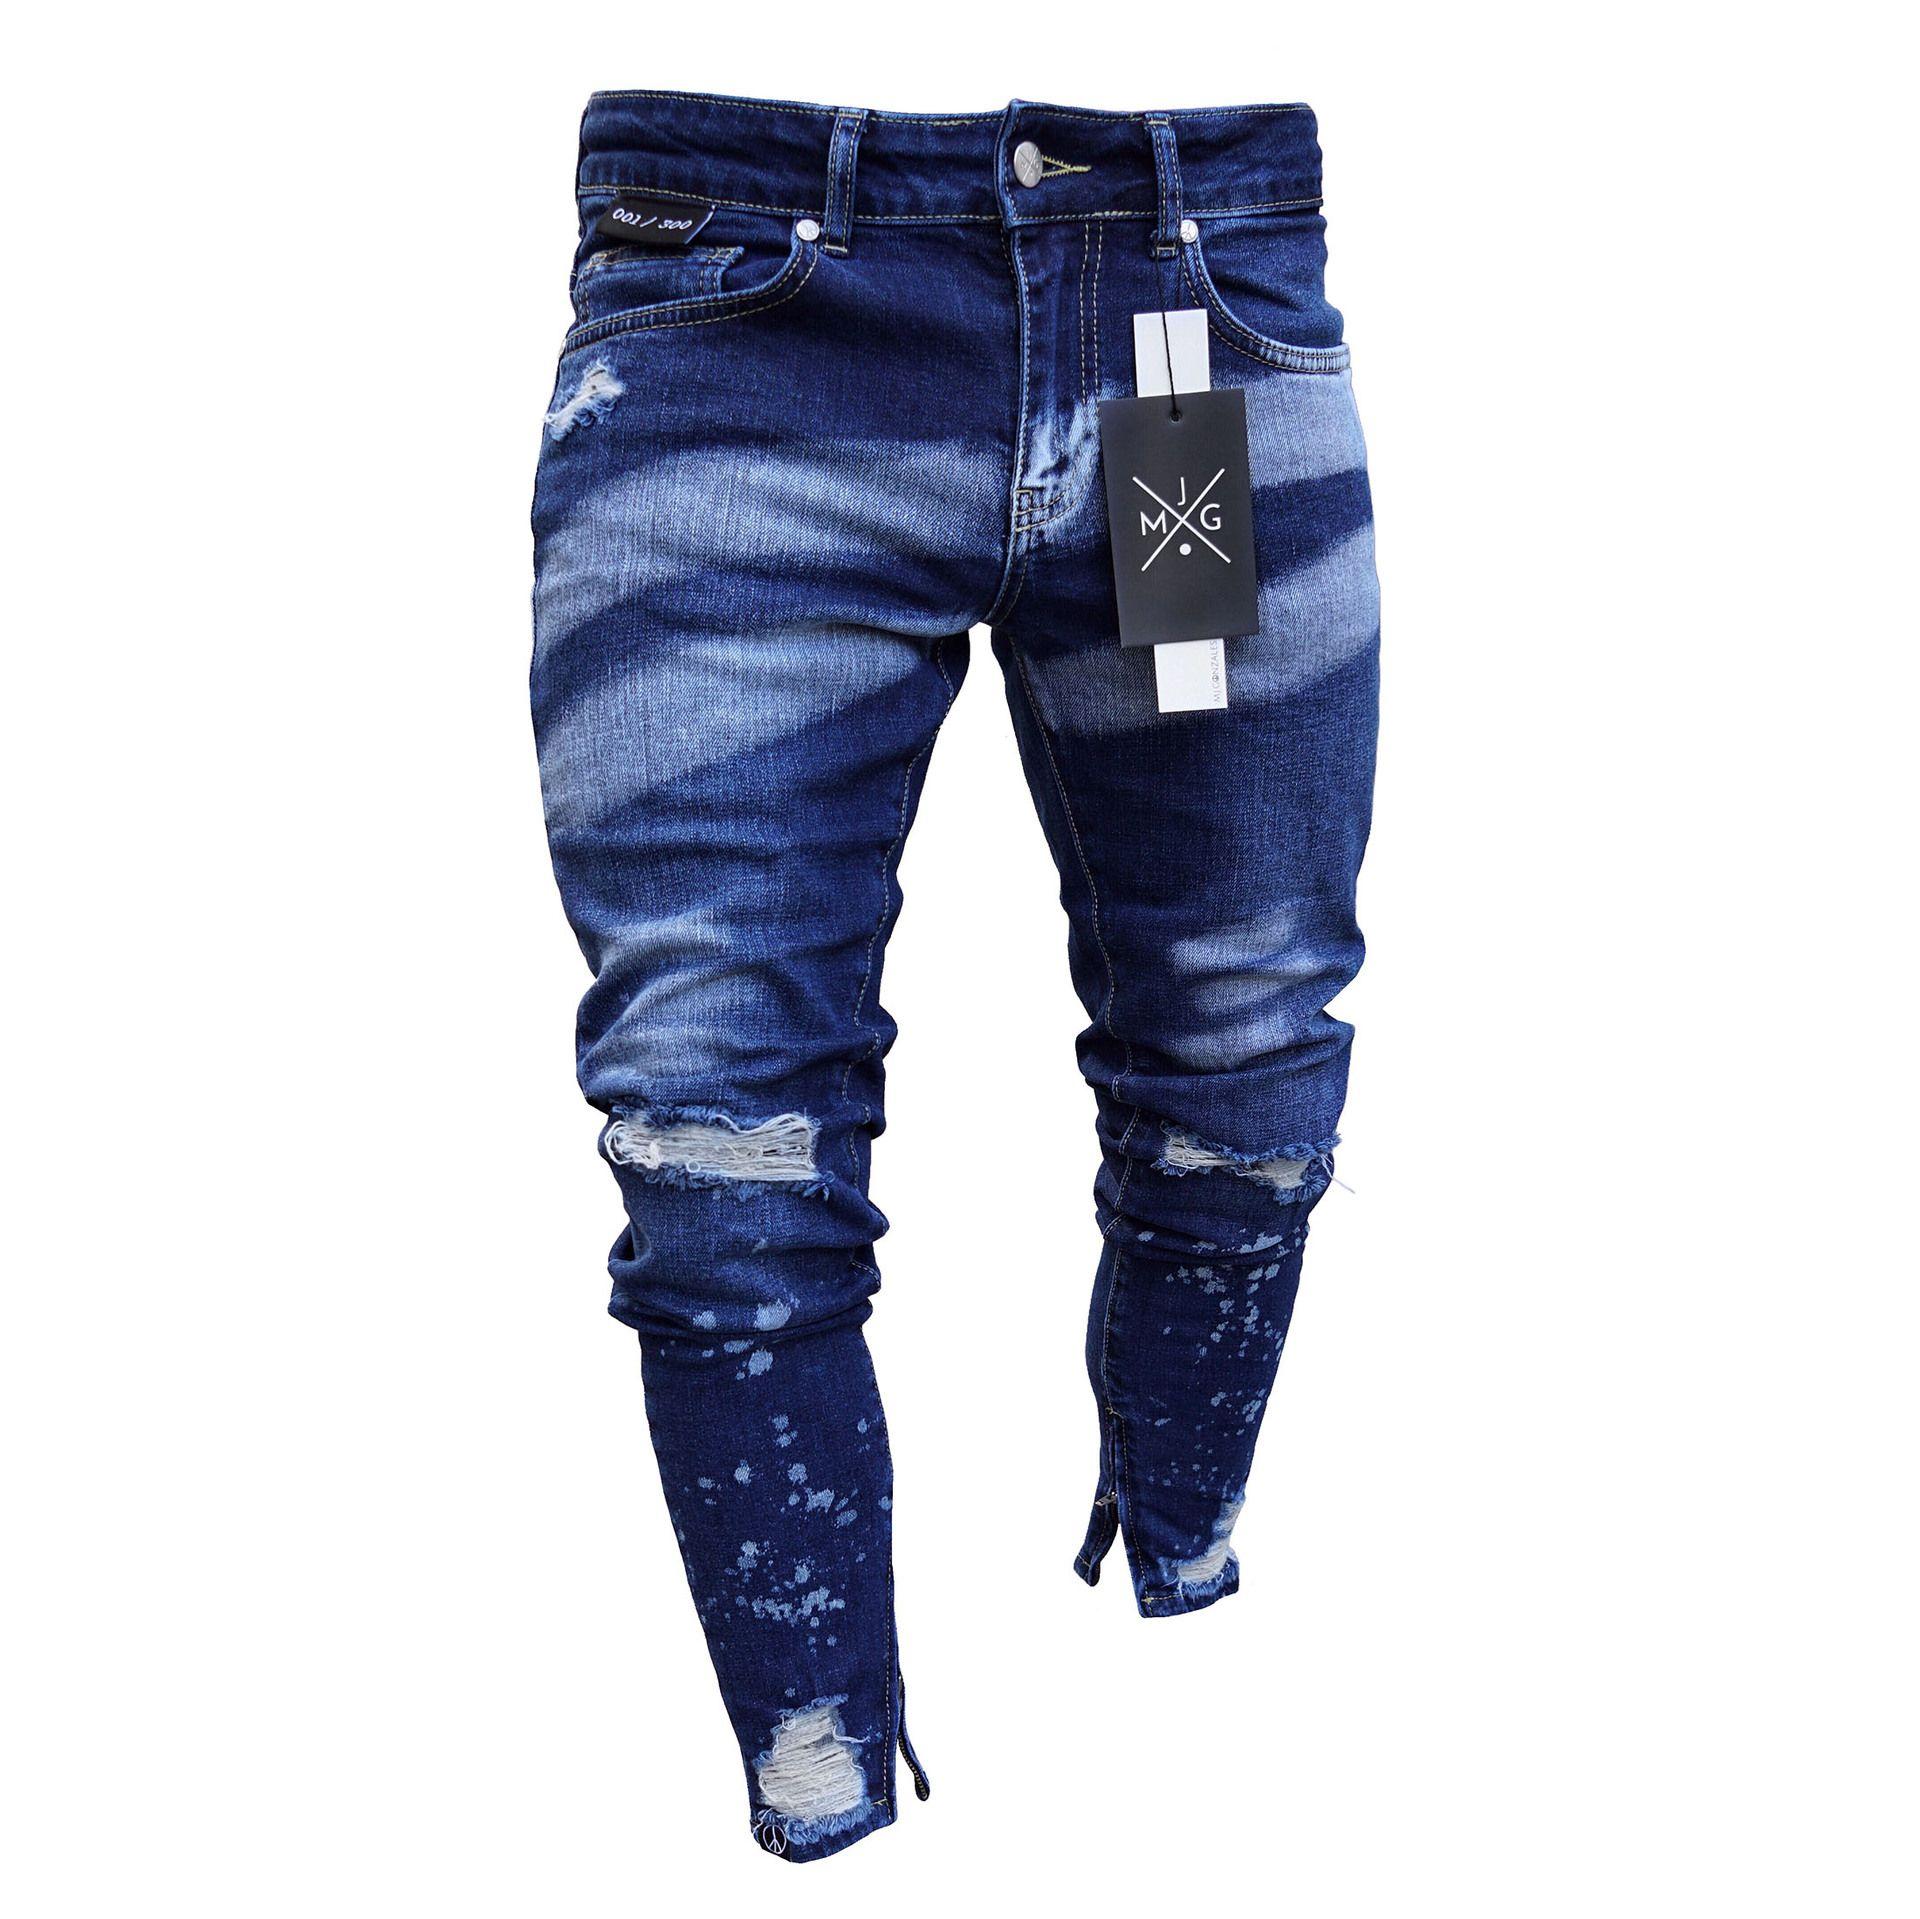 Compre Azul Lavado Jeans Para Hombre Ropa Gradiente De Color Lapiz Pantalon Jean Pantalones Vaqueros Ajustados De Corte Slim A 20 12 Del Astroworldclothing Dhgate Com